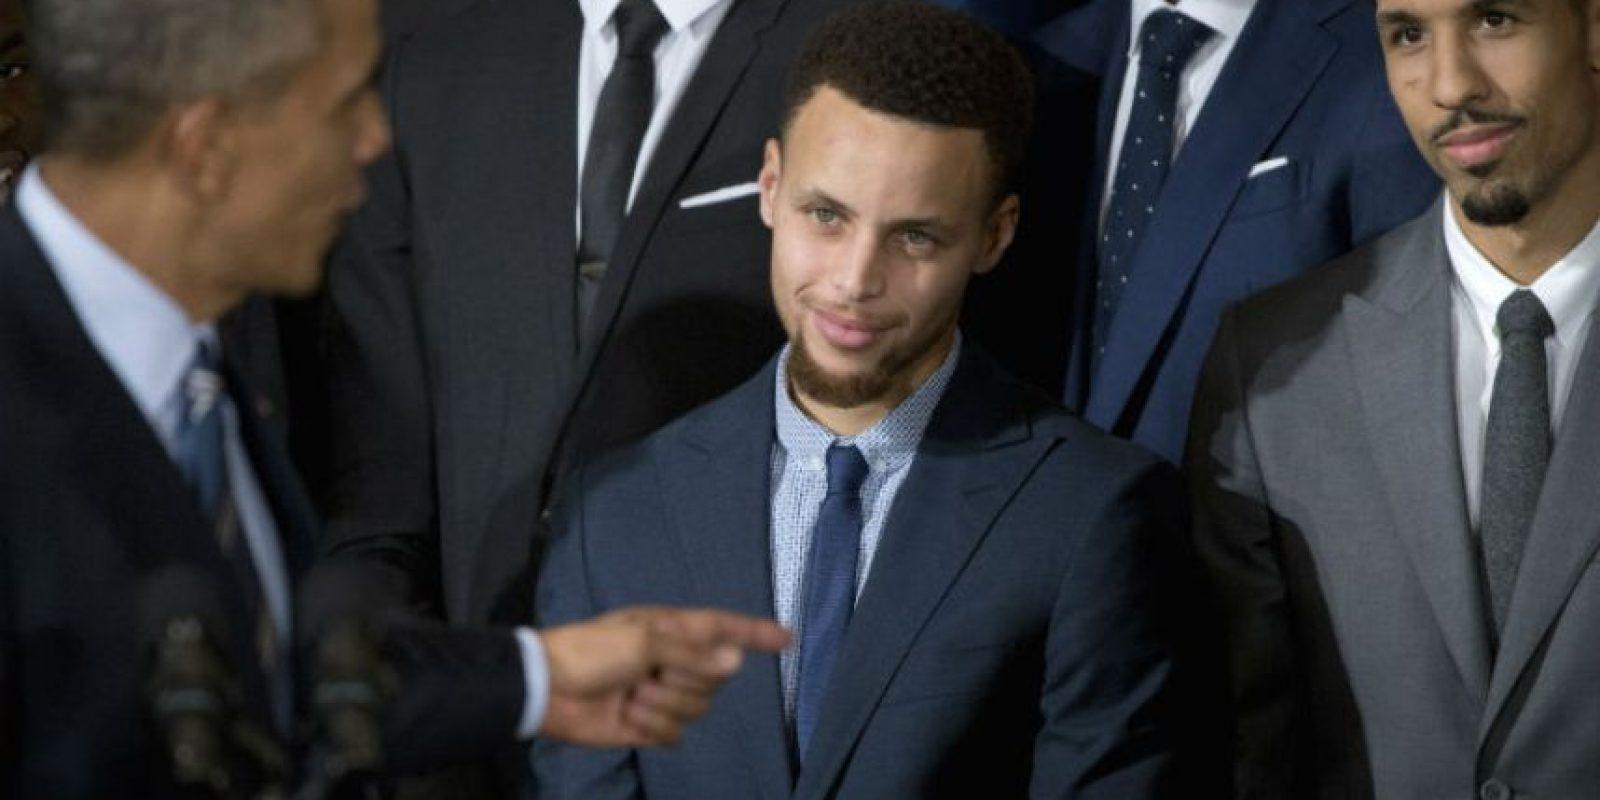 Sobresalió la cercana amistad de Curry con Obama Foto:AP